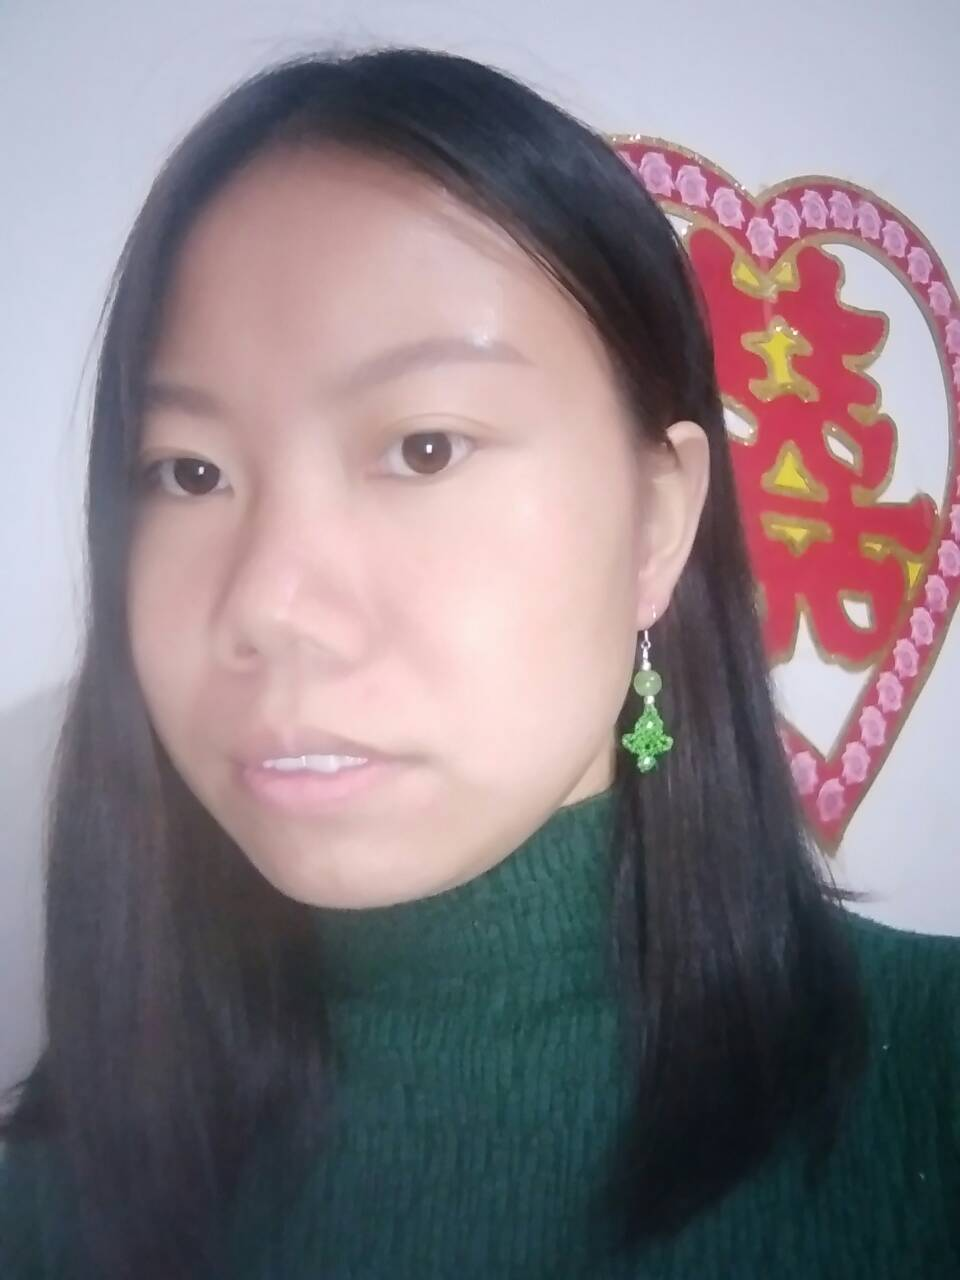 中国结论坛 那年花开月正圆!好喜欢!跟近年流行的深绿色衣服很搭  作品展示 104719eyzbyybrb2tbtd9k